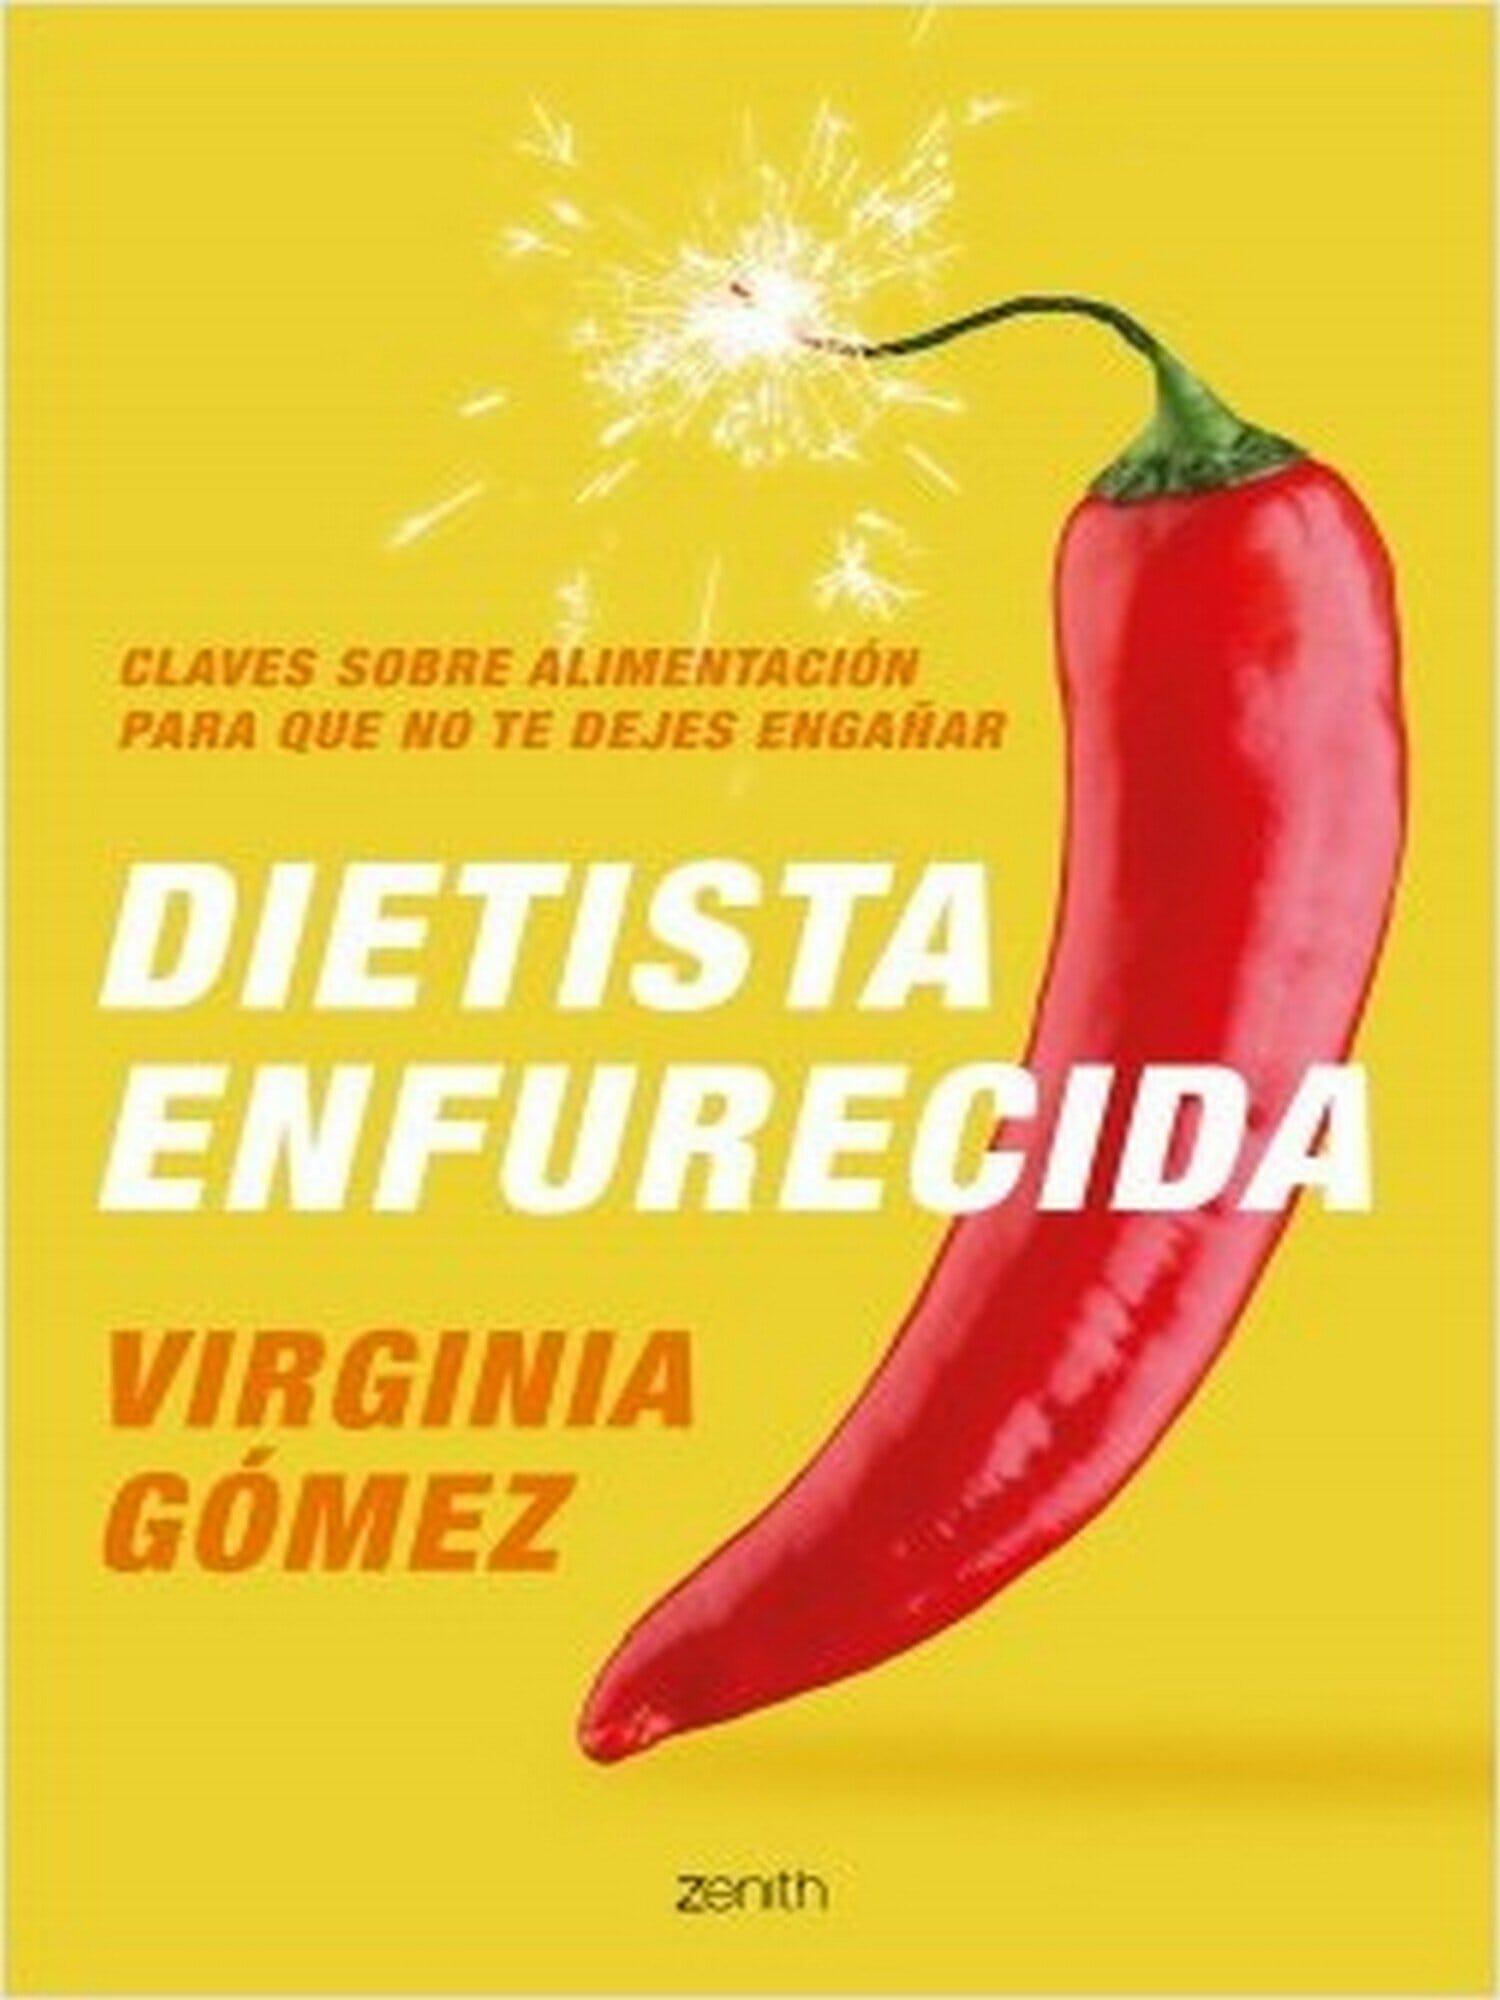 portada_dietista-enfurecida_virginia-gomez_201911281216